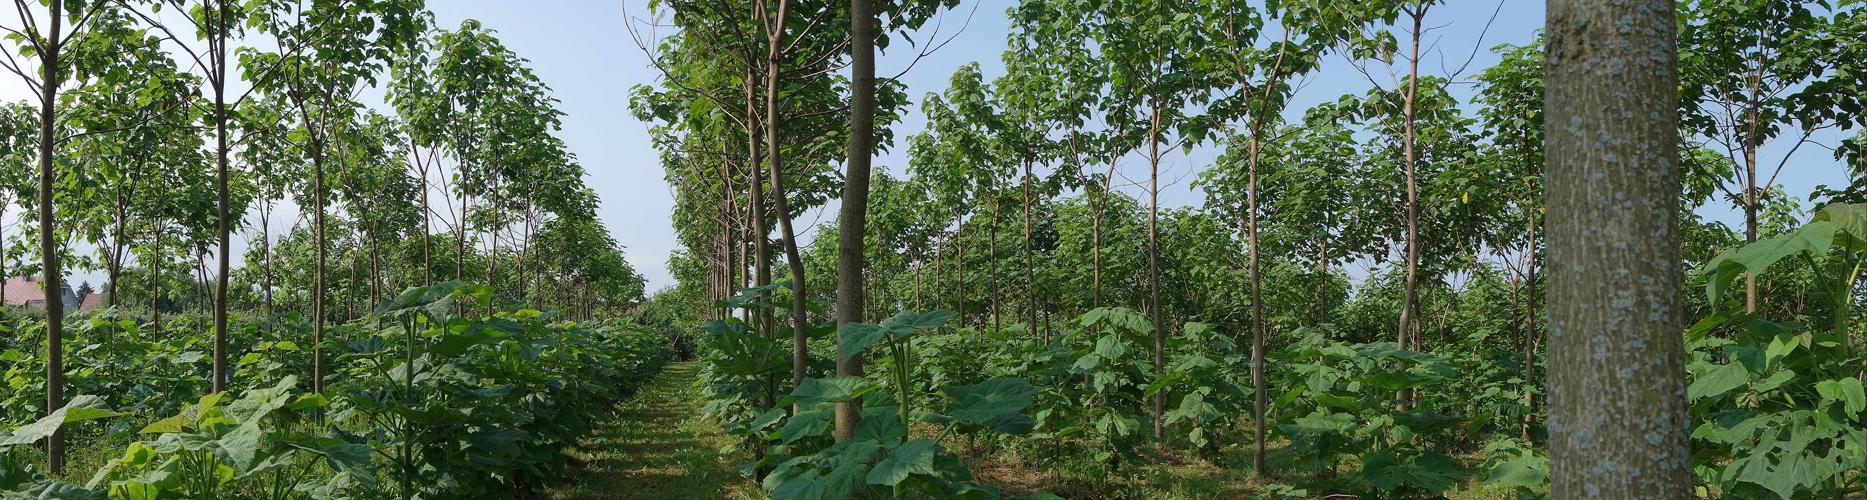 Paulownia Plantage 09.2015